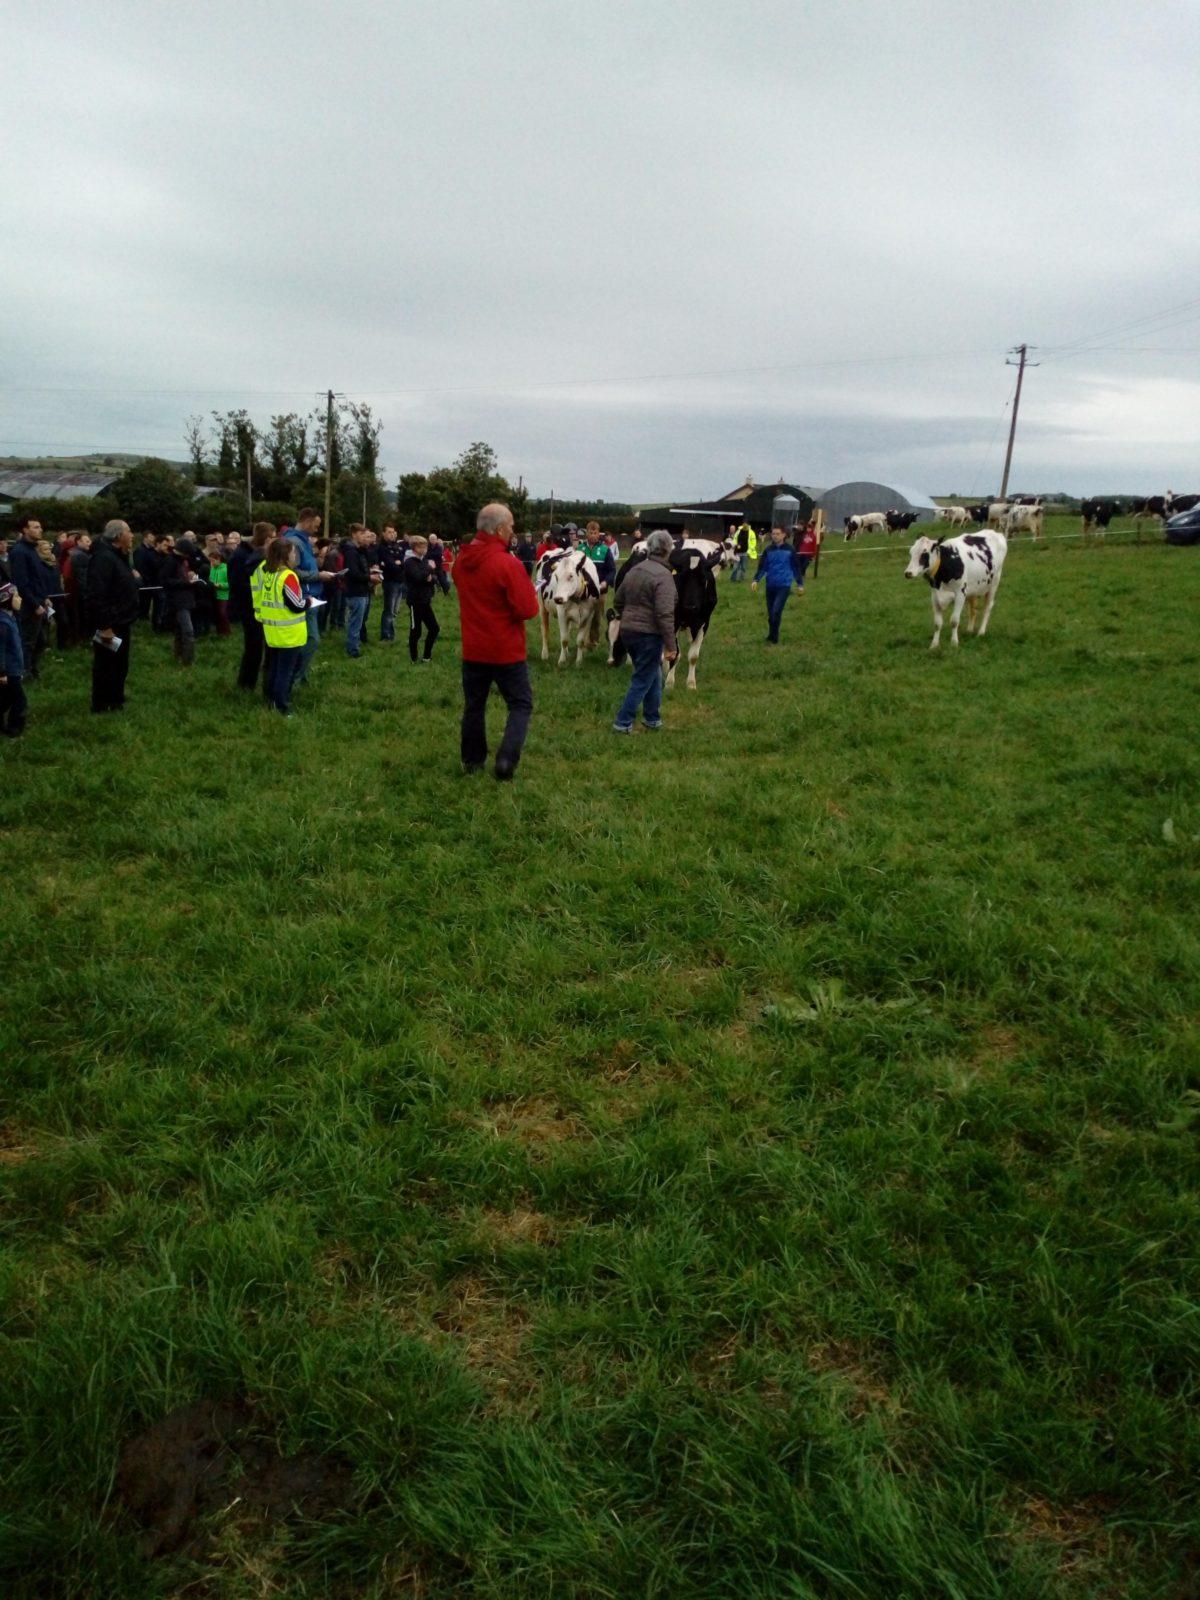 Holstein Freisan Event Moneygurran Holstein Herd, Coppeen, Co. Cork